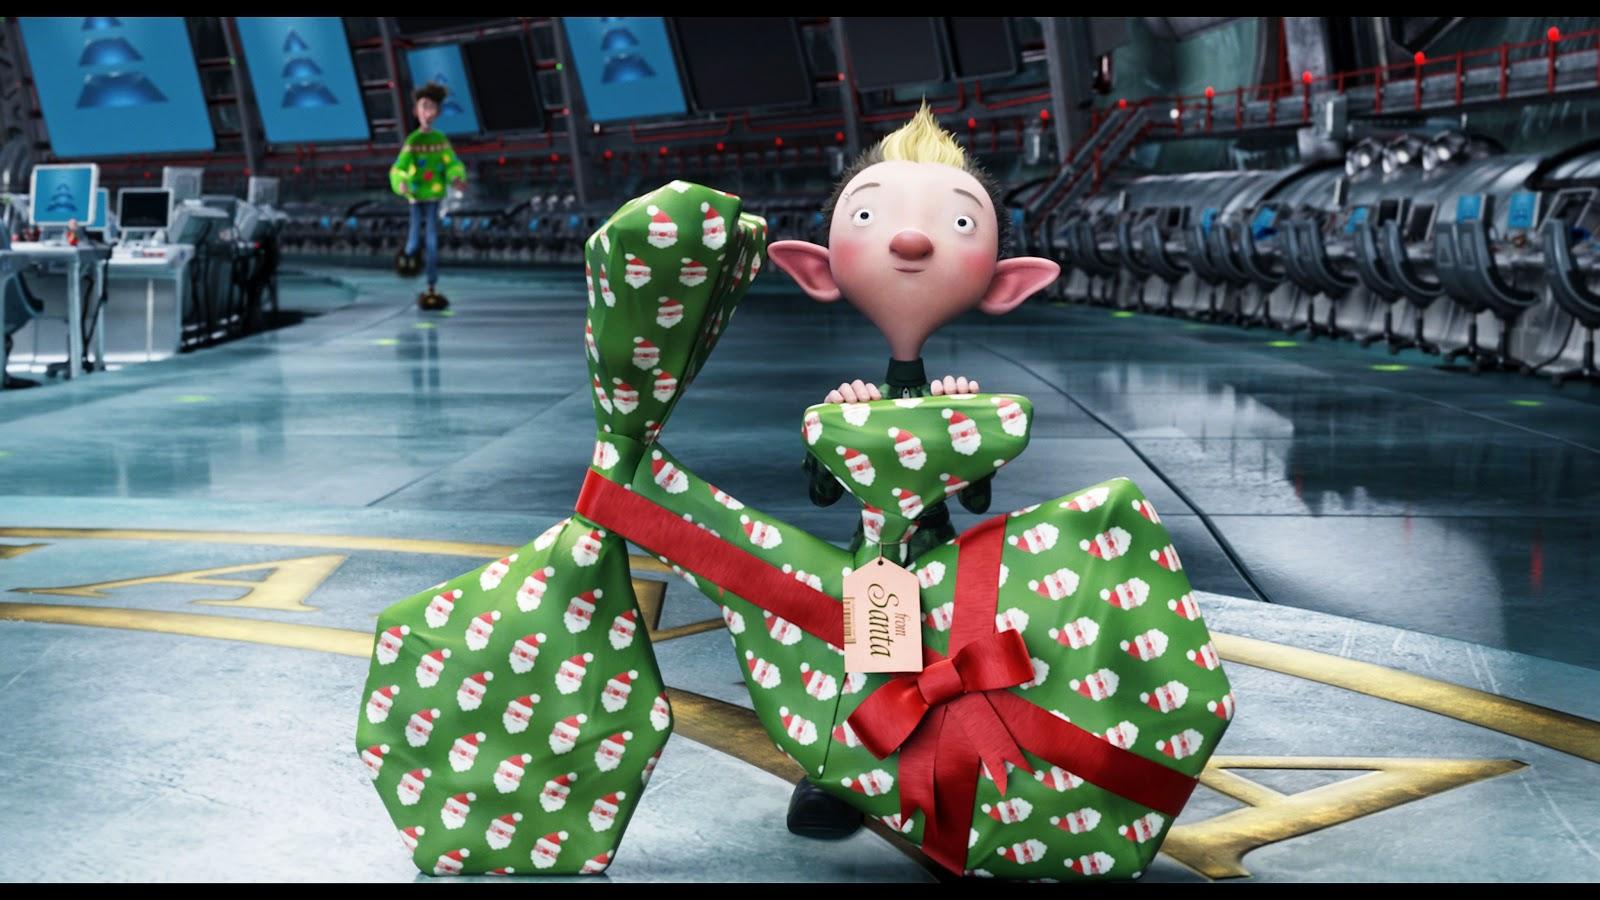 http://2.bp.blogspot.com/--omTwXWIp0U/UKZTAxx9VNI/AAAAAAAAaYg/KIe6_XD6124/s1600/Arthur+Christmas+7.jpg